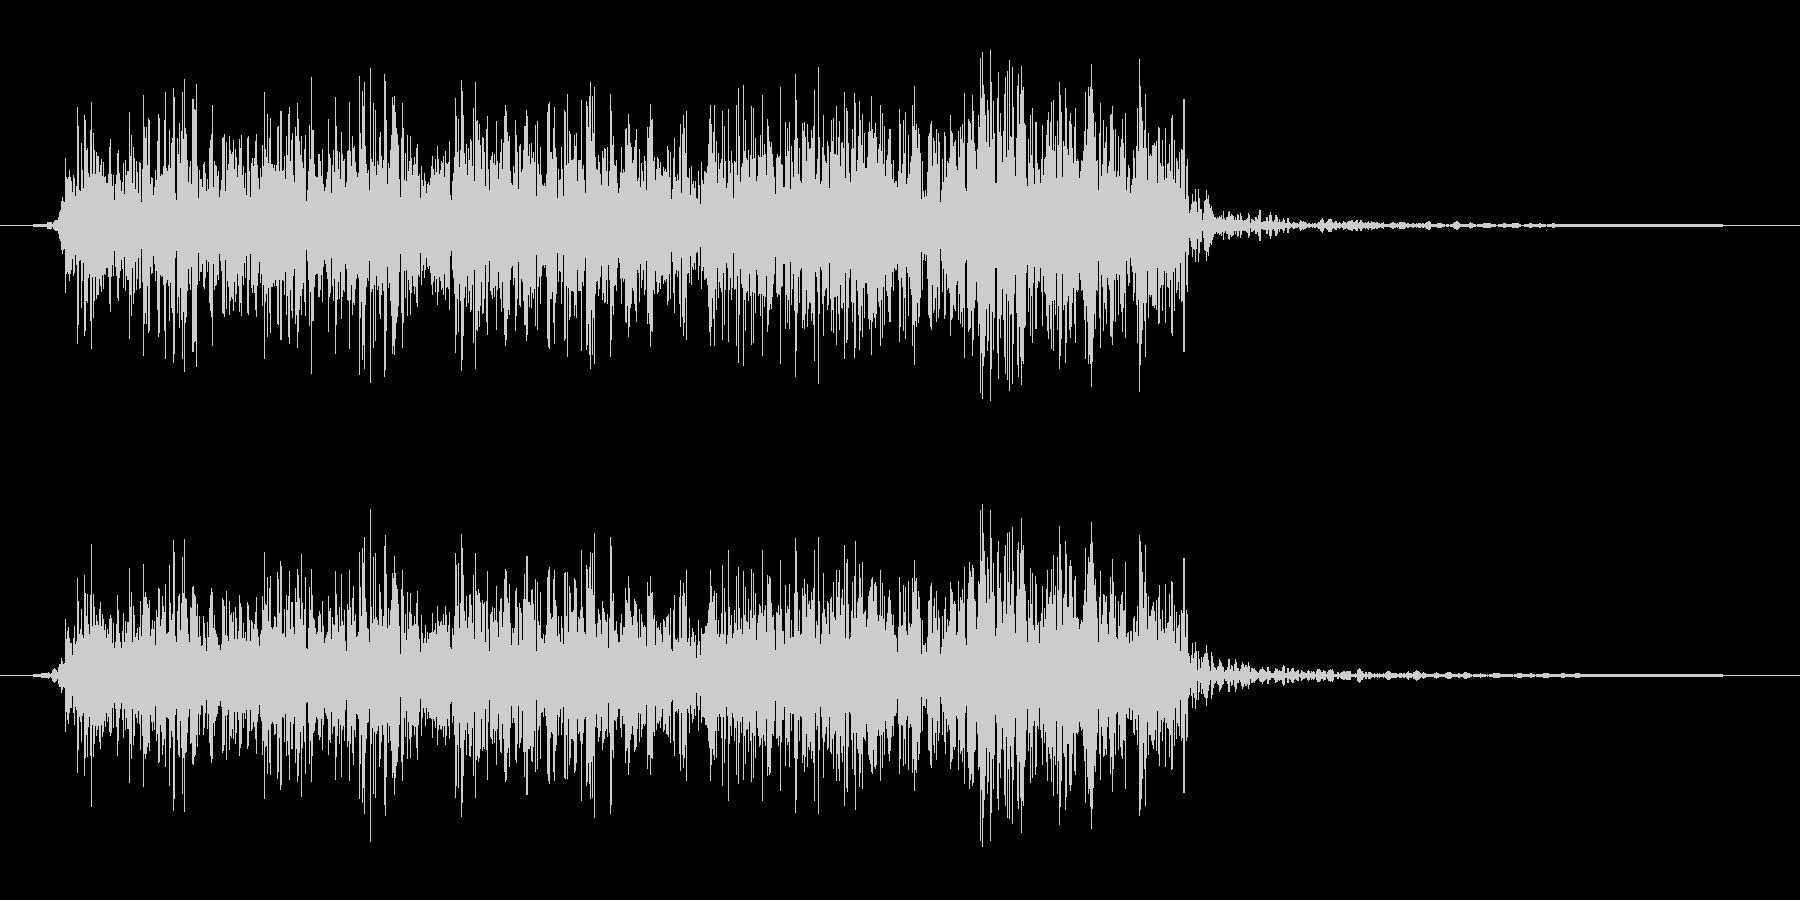 火炎放射器 ロングヘビーシングル01の未再生の波形